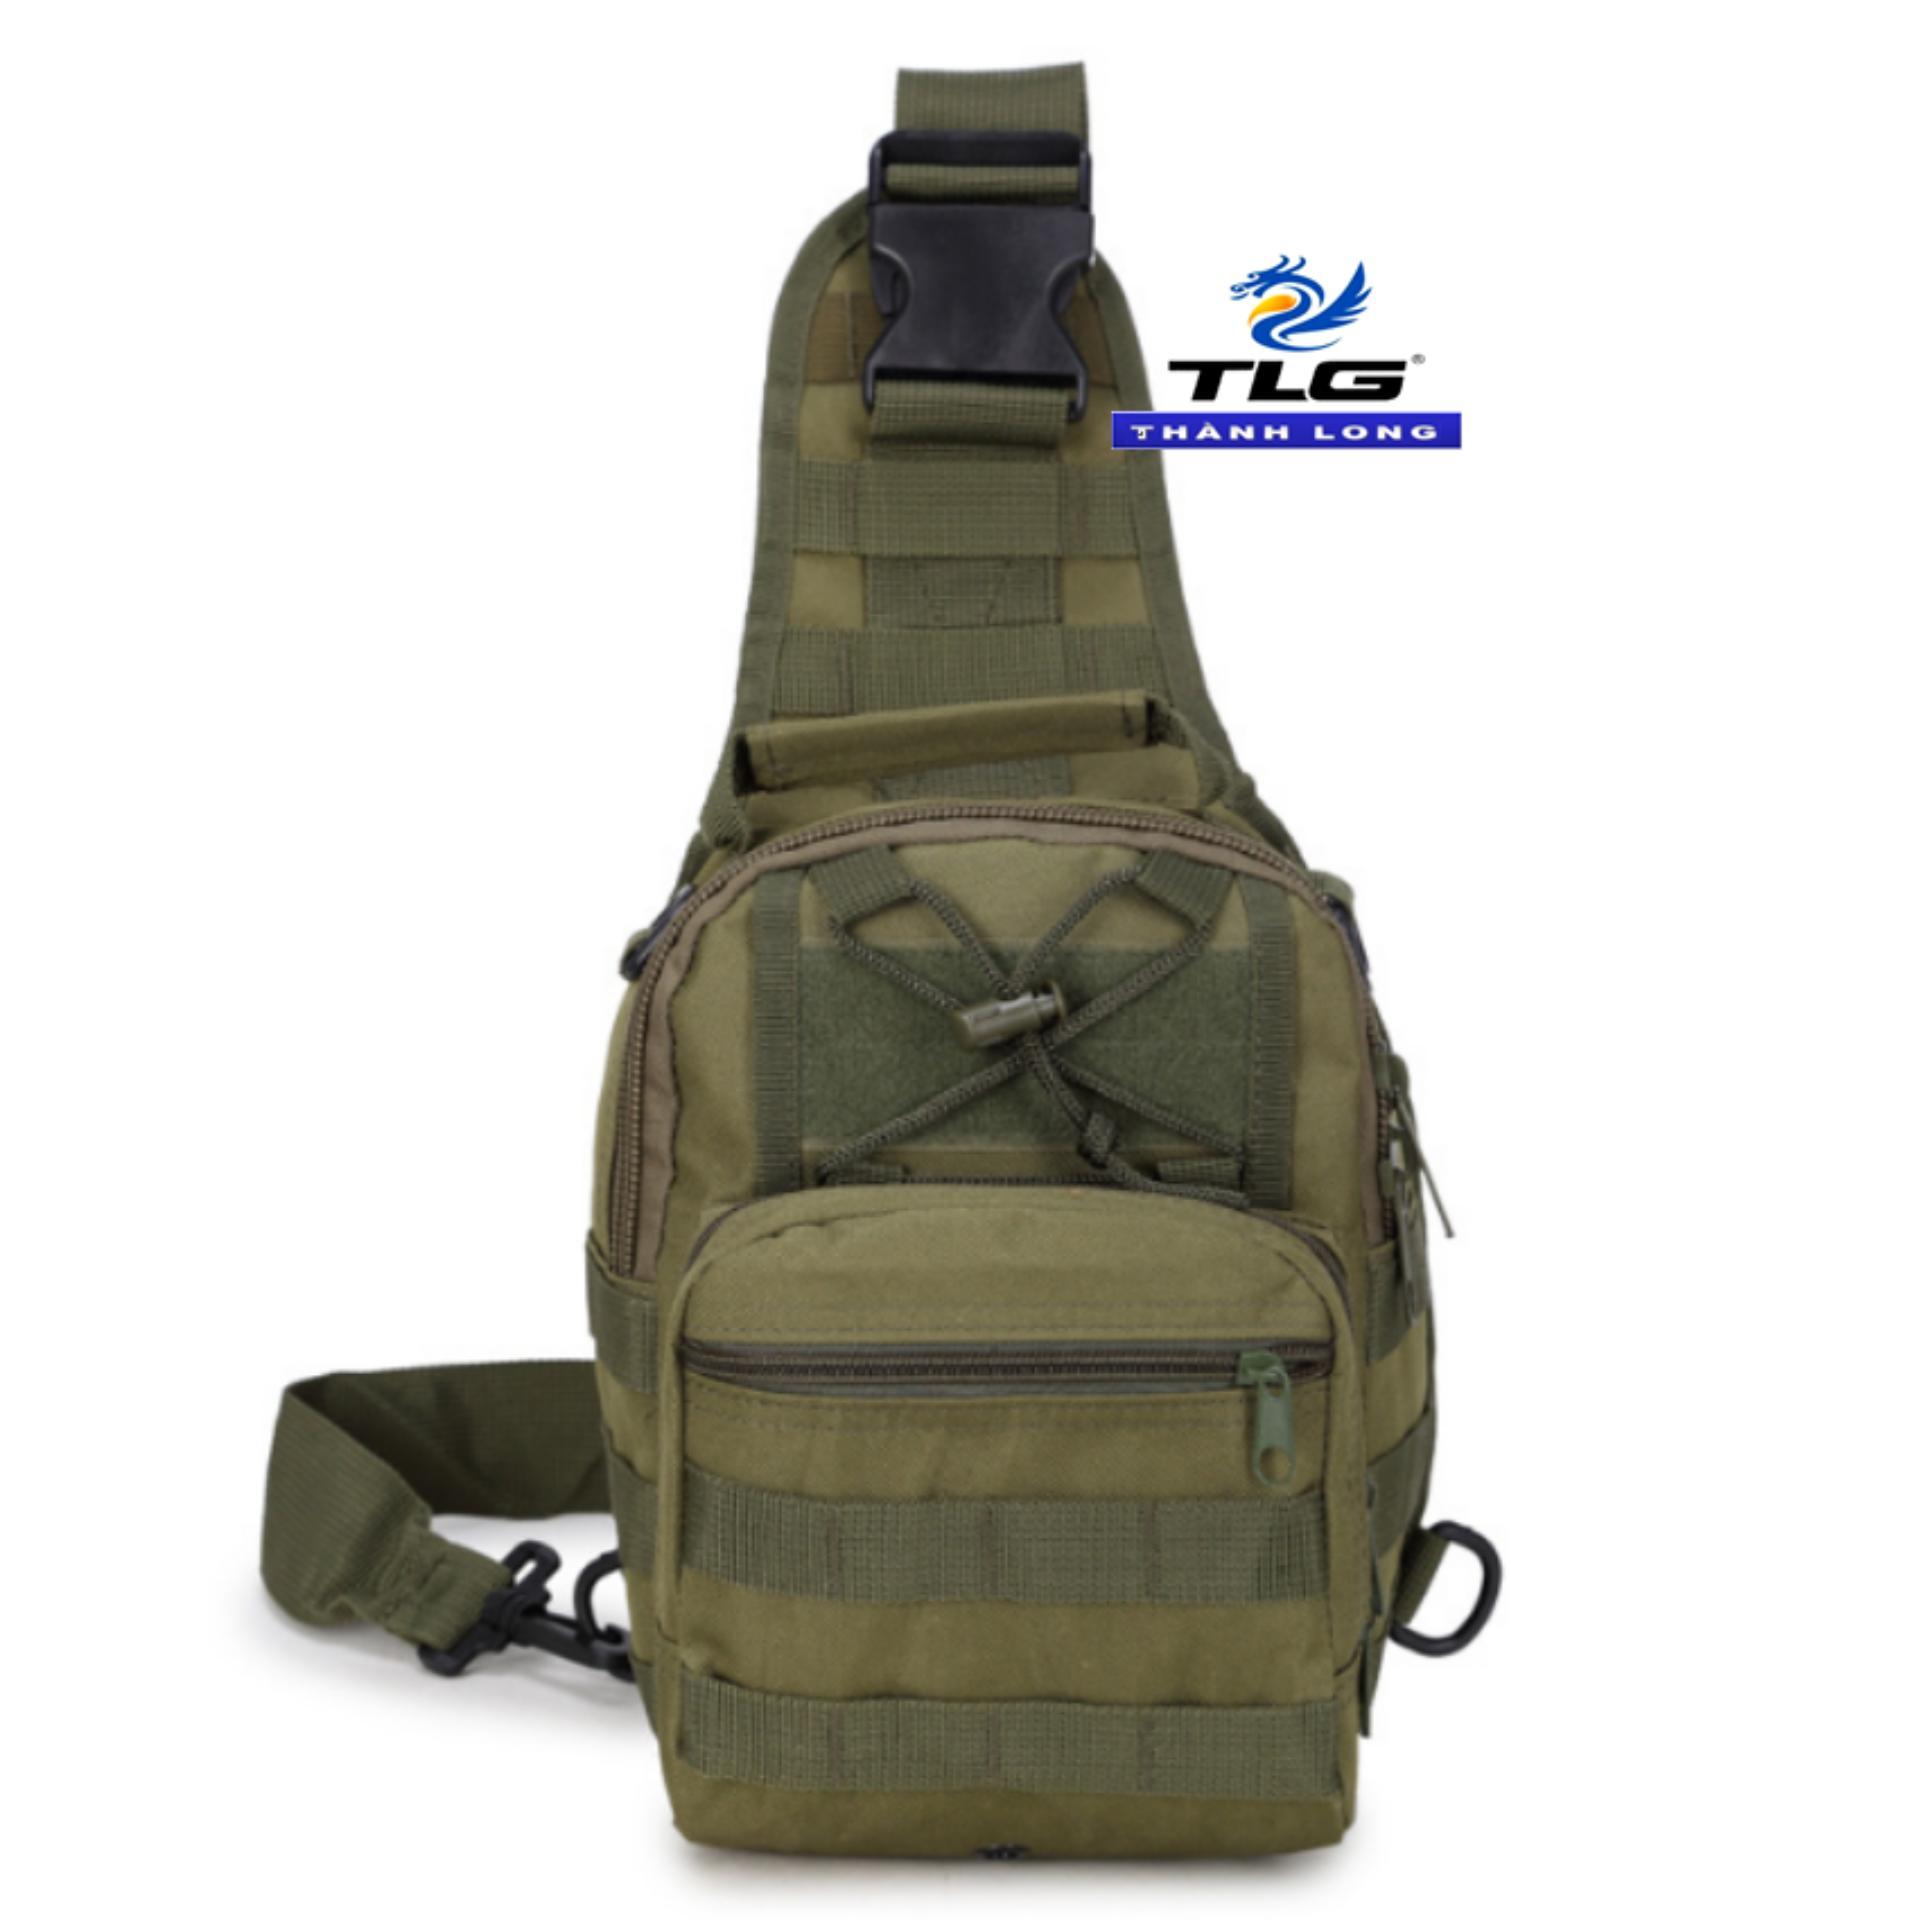 Túi đeo ngực thời trang du lịch phong cách Quân đội Mỹ TL8128 2(oliu)